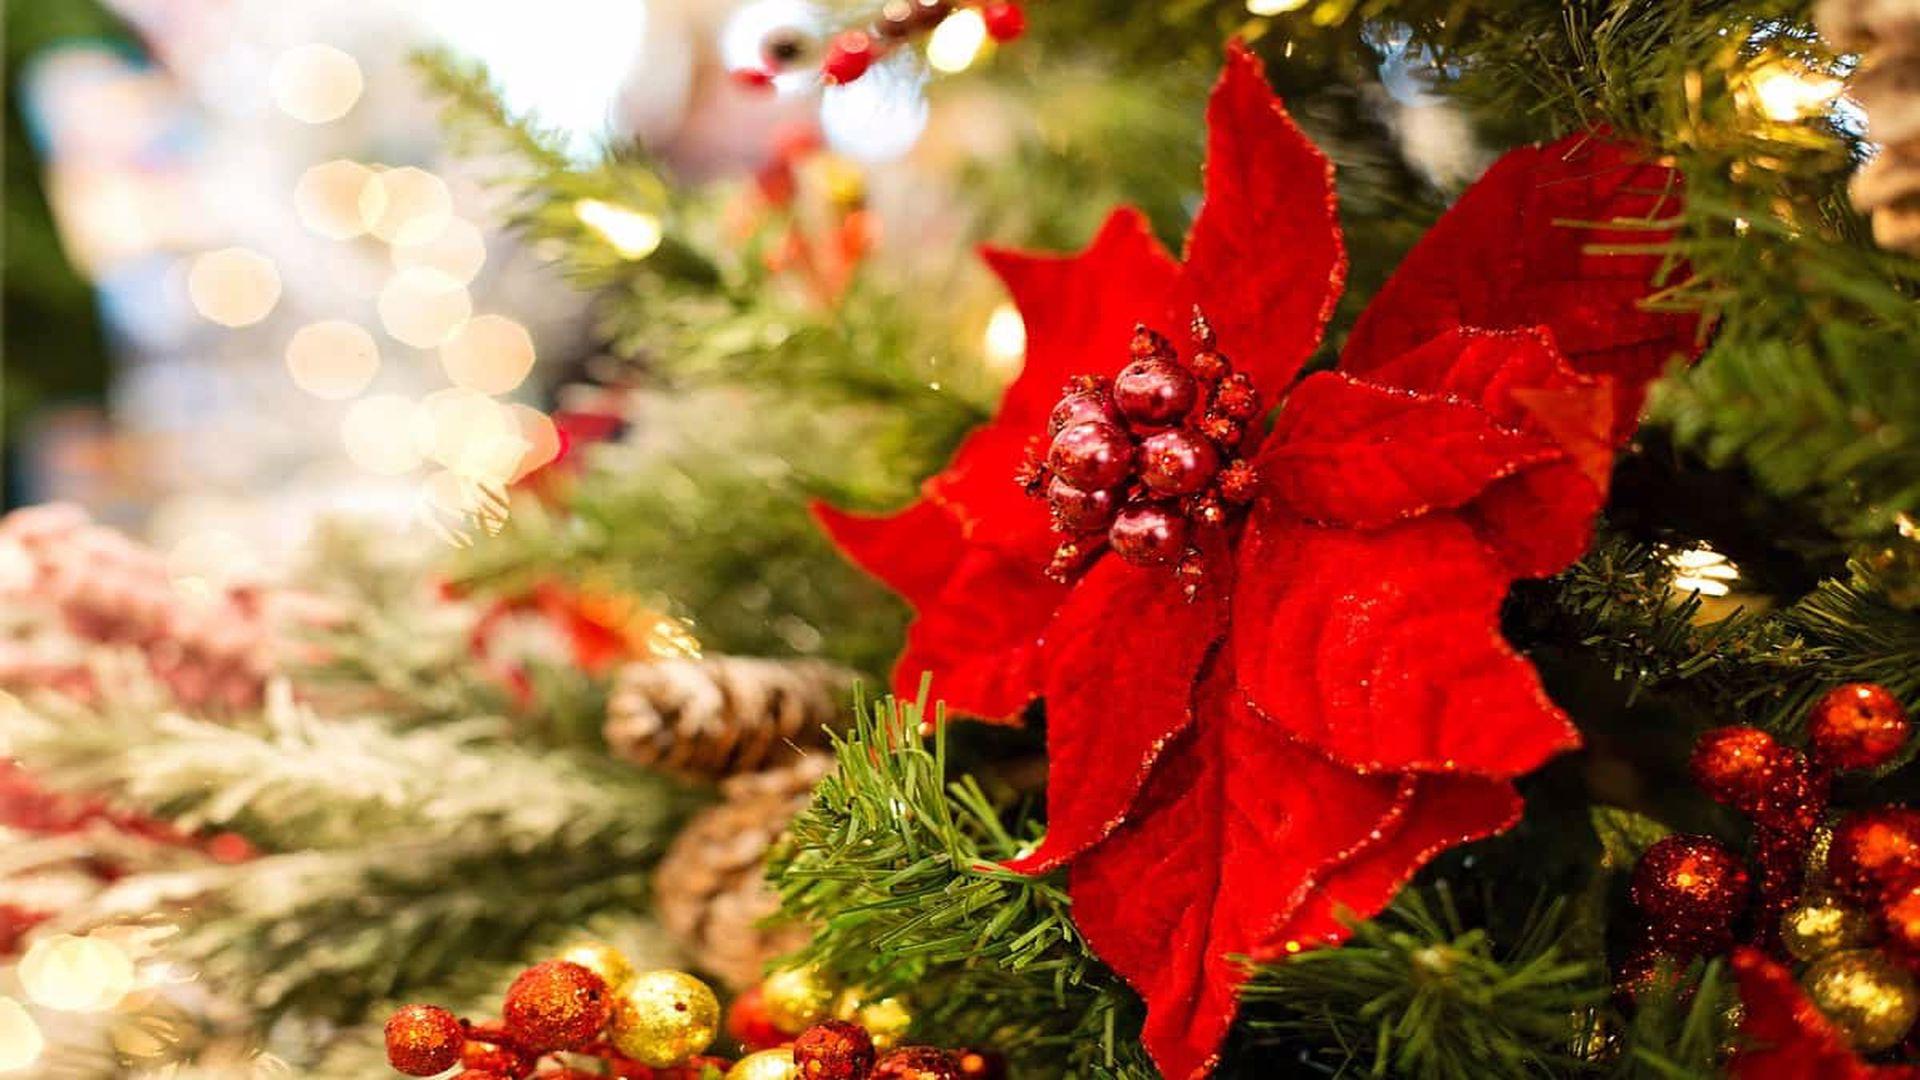 Superstiții în Ajun de Crăciun. Ce să nu faci sub nicio formă pe 24 decembrie